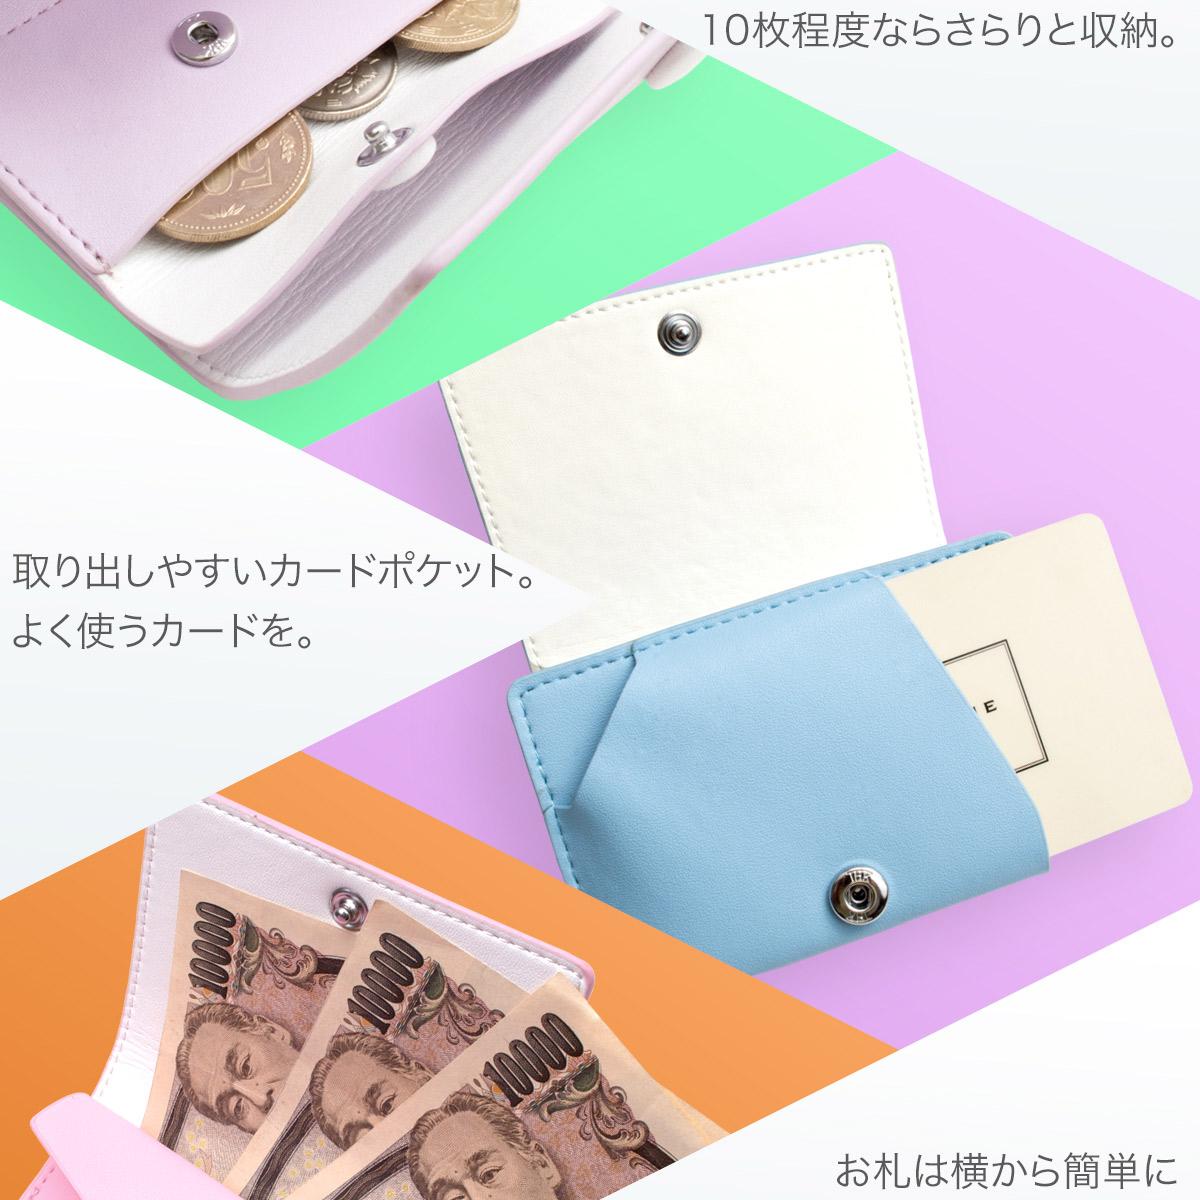 MALTAツートン三つ折りミニ財布